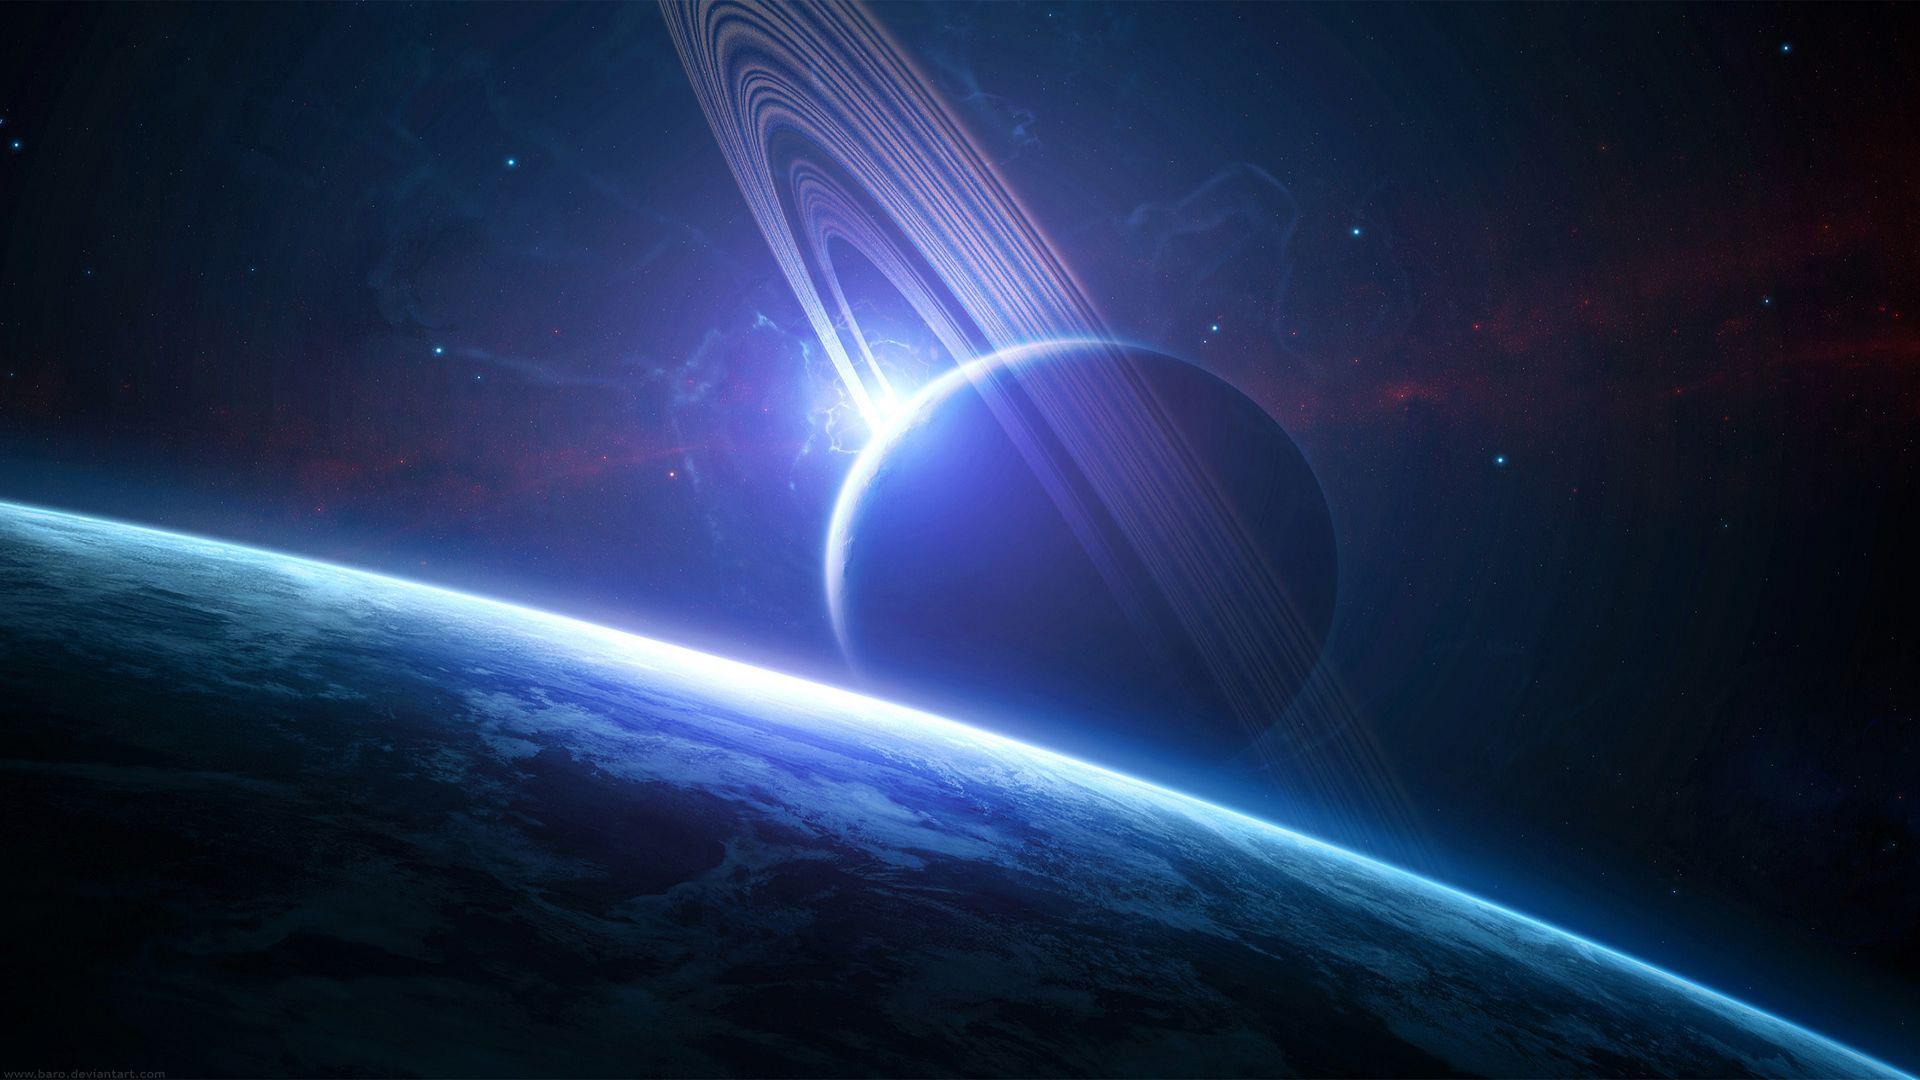 Hình nền vũ trụ đẹp huyền ảo 02